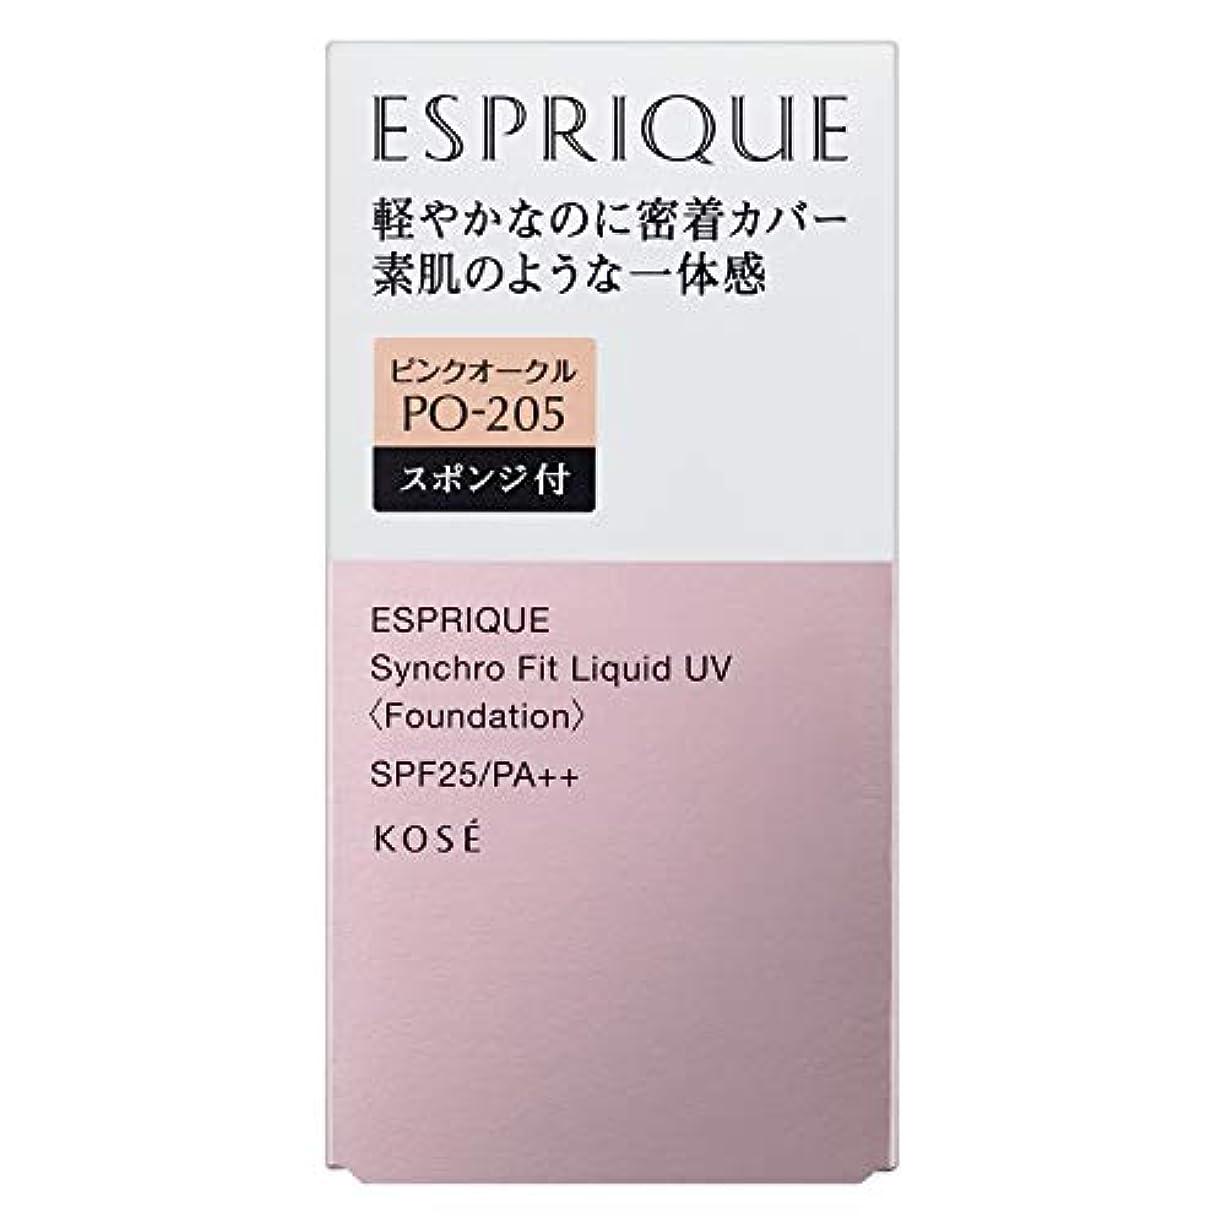 会計士局耐えられないESPRIQUE(エスプリーク) エスプリーク シンクロフィット リキッド UV ファンデーション 無香料 PO-205 ピンクオークル 30g